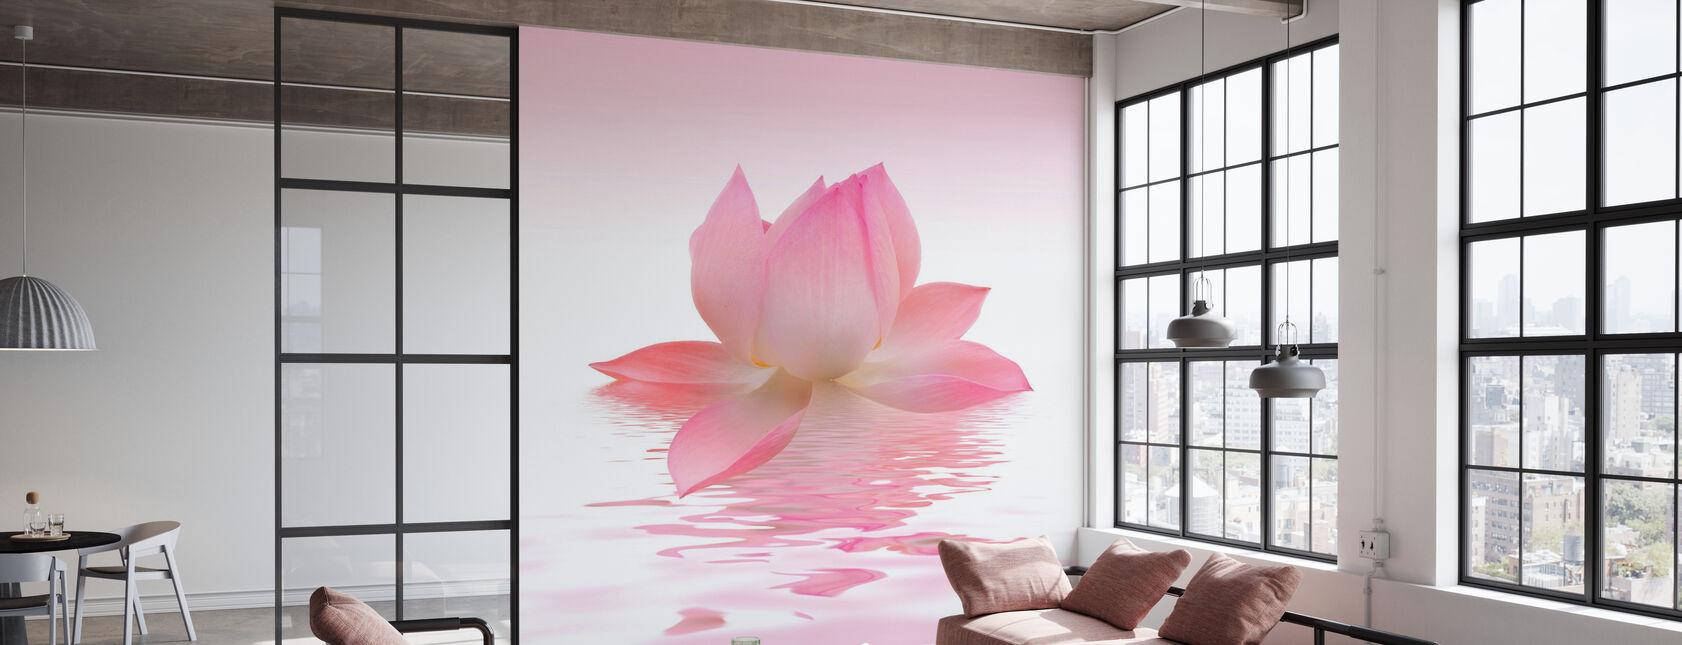 Pink Lotus - Wallpaper - Office